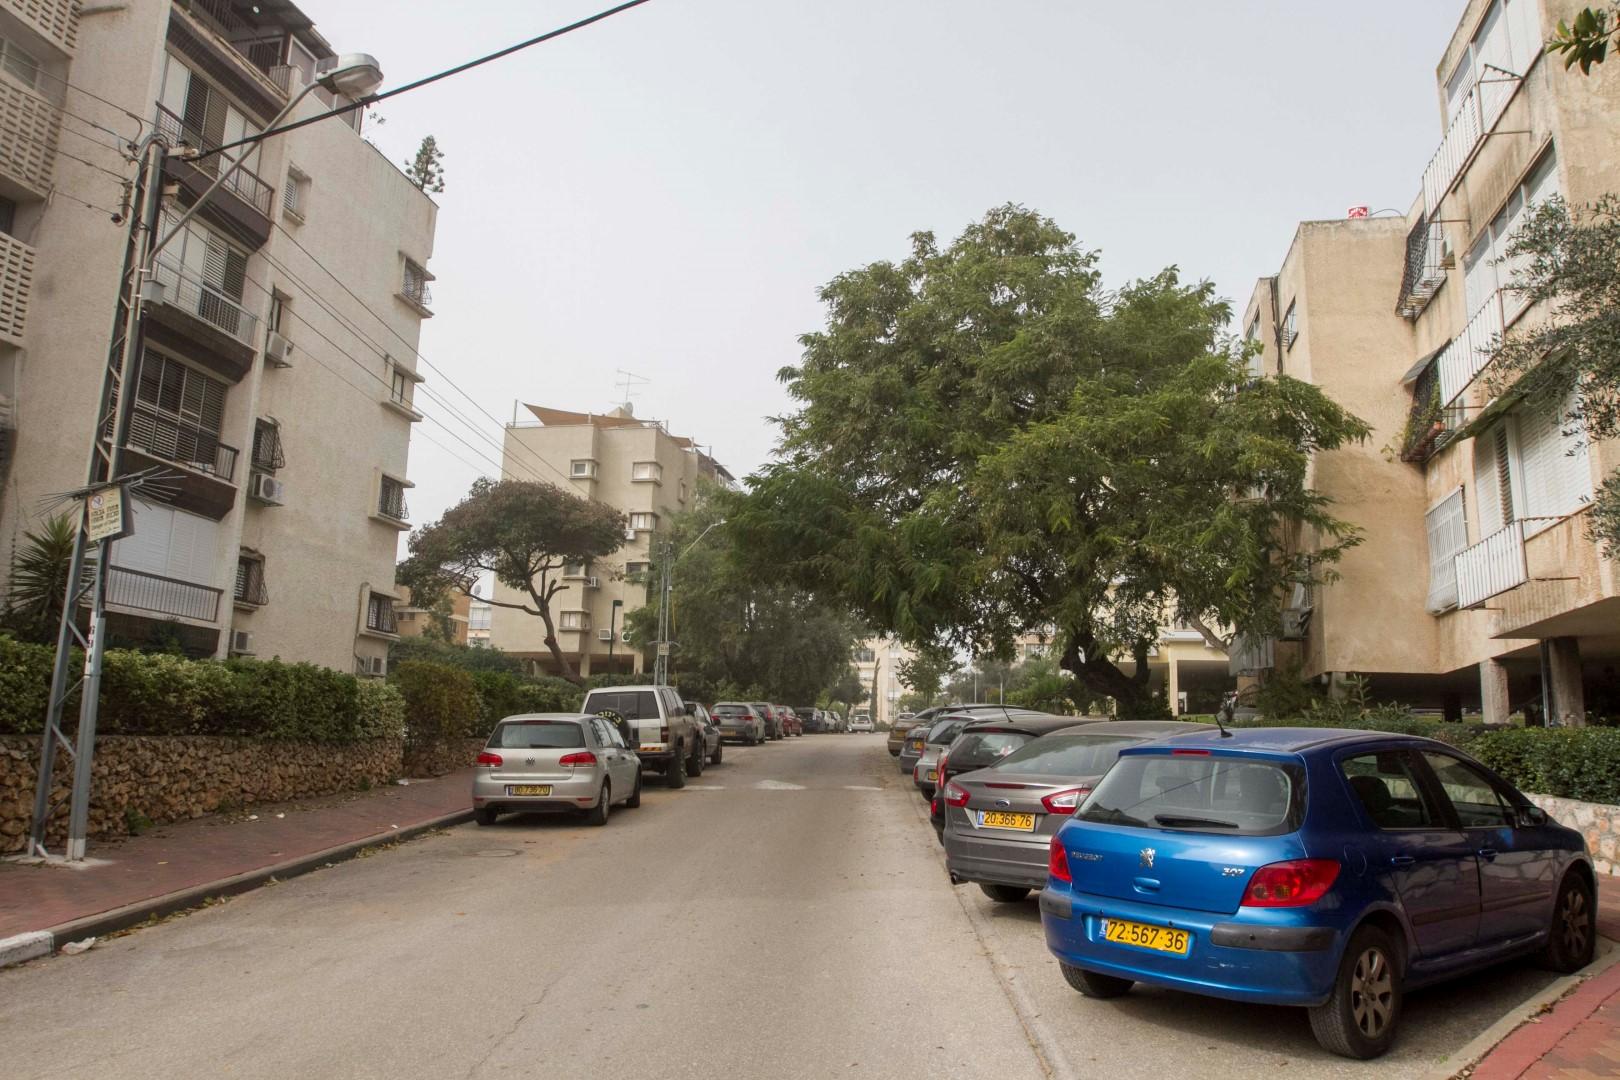 שכונת רמתיים (צילום: עידו ארז) (צילום: עידו ארז)